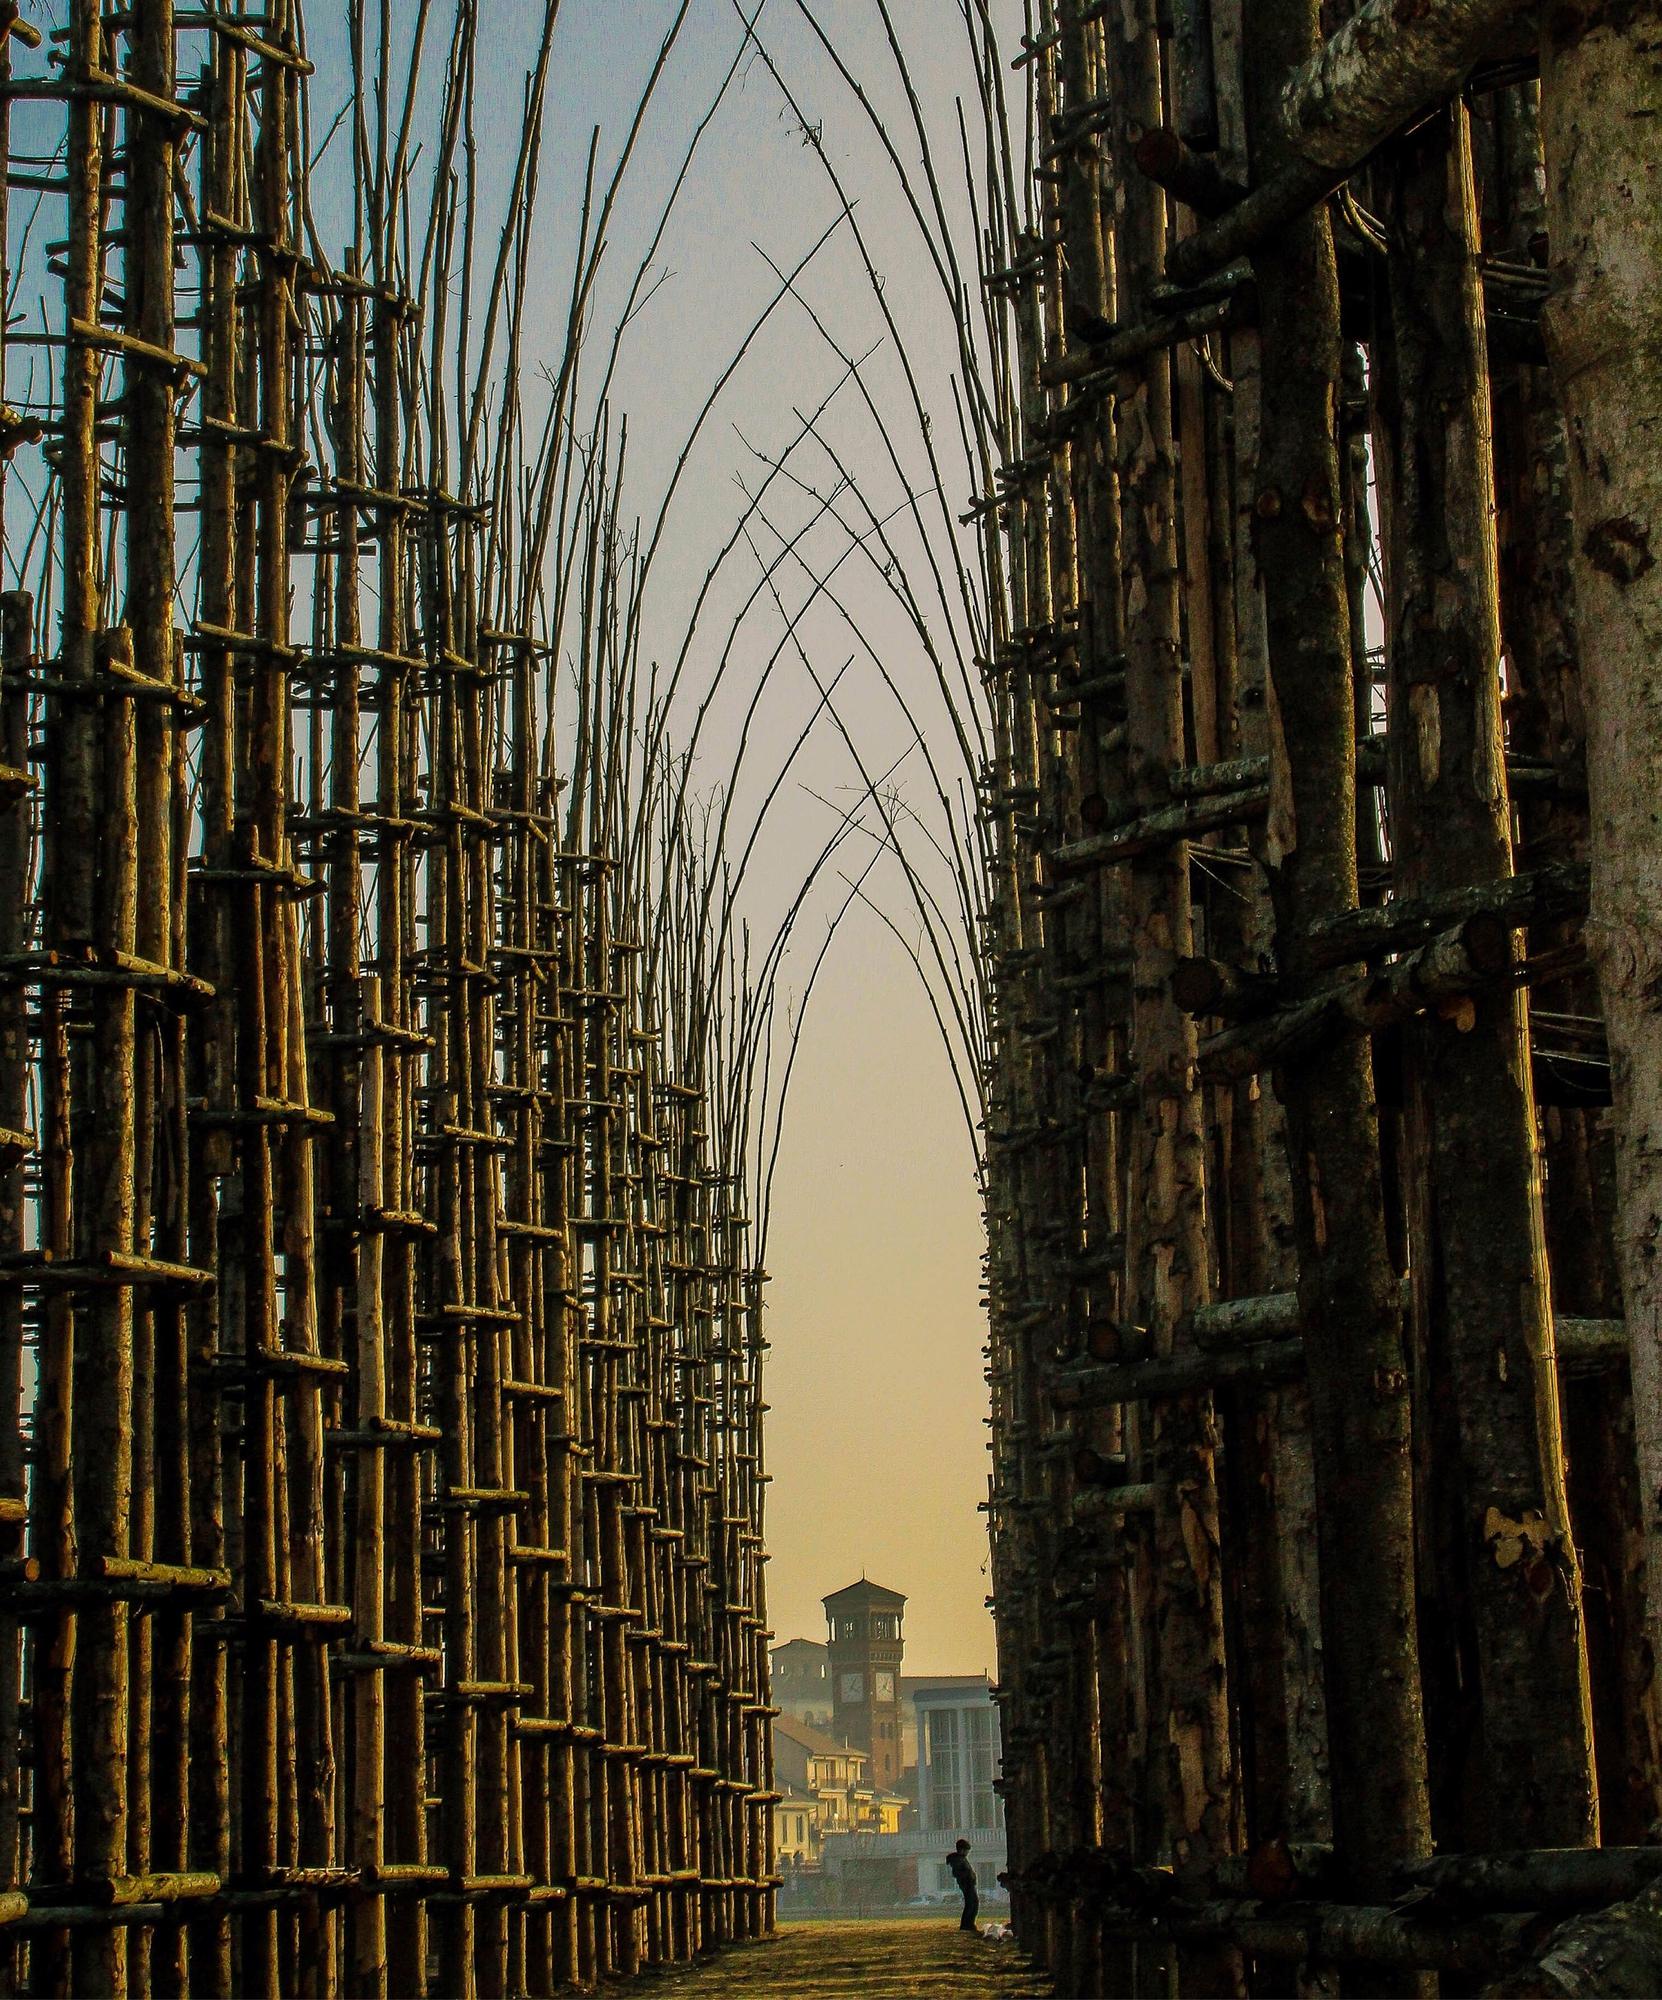 Cattedrale verticale_ Lodi di elecarry